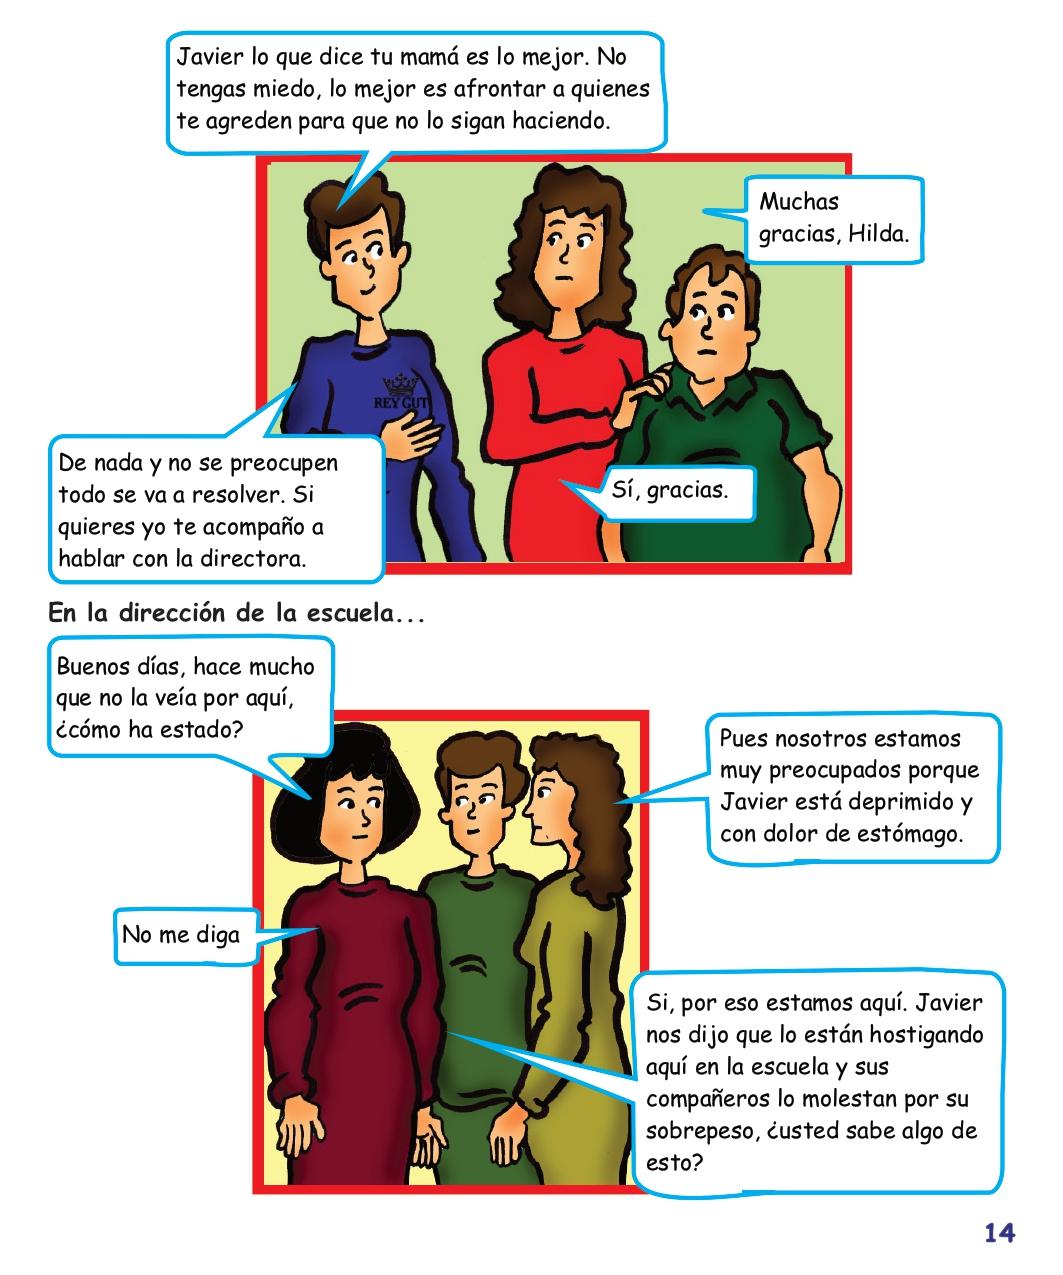 Psicología adolescentes Reyhan cap3 digital_page-0017